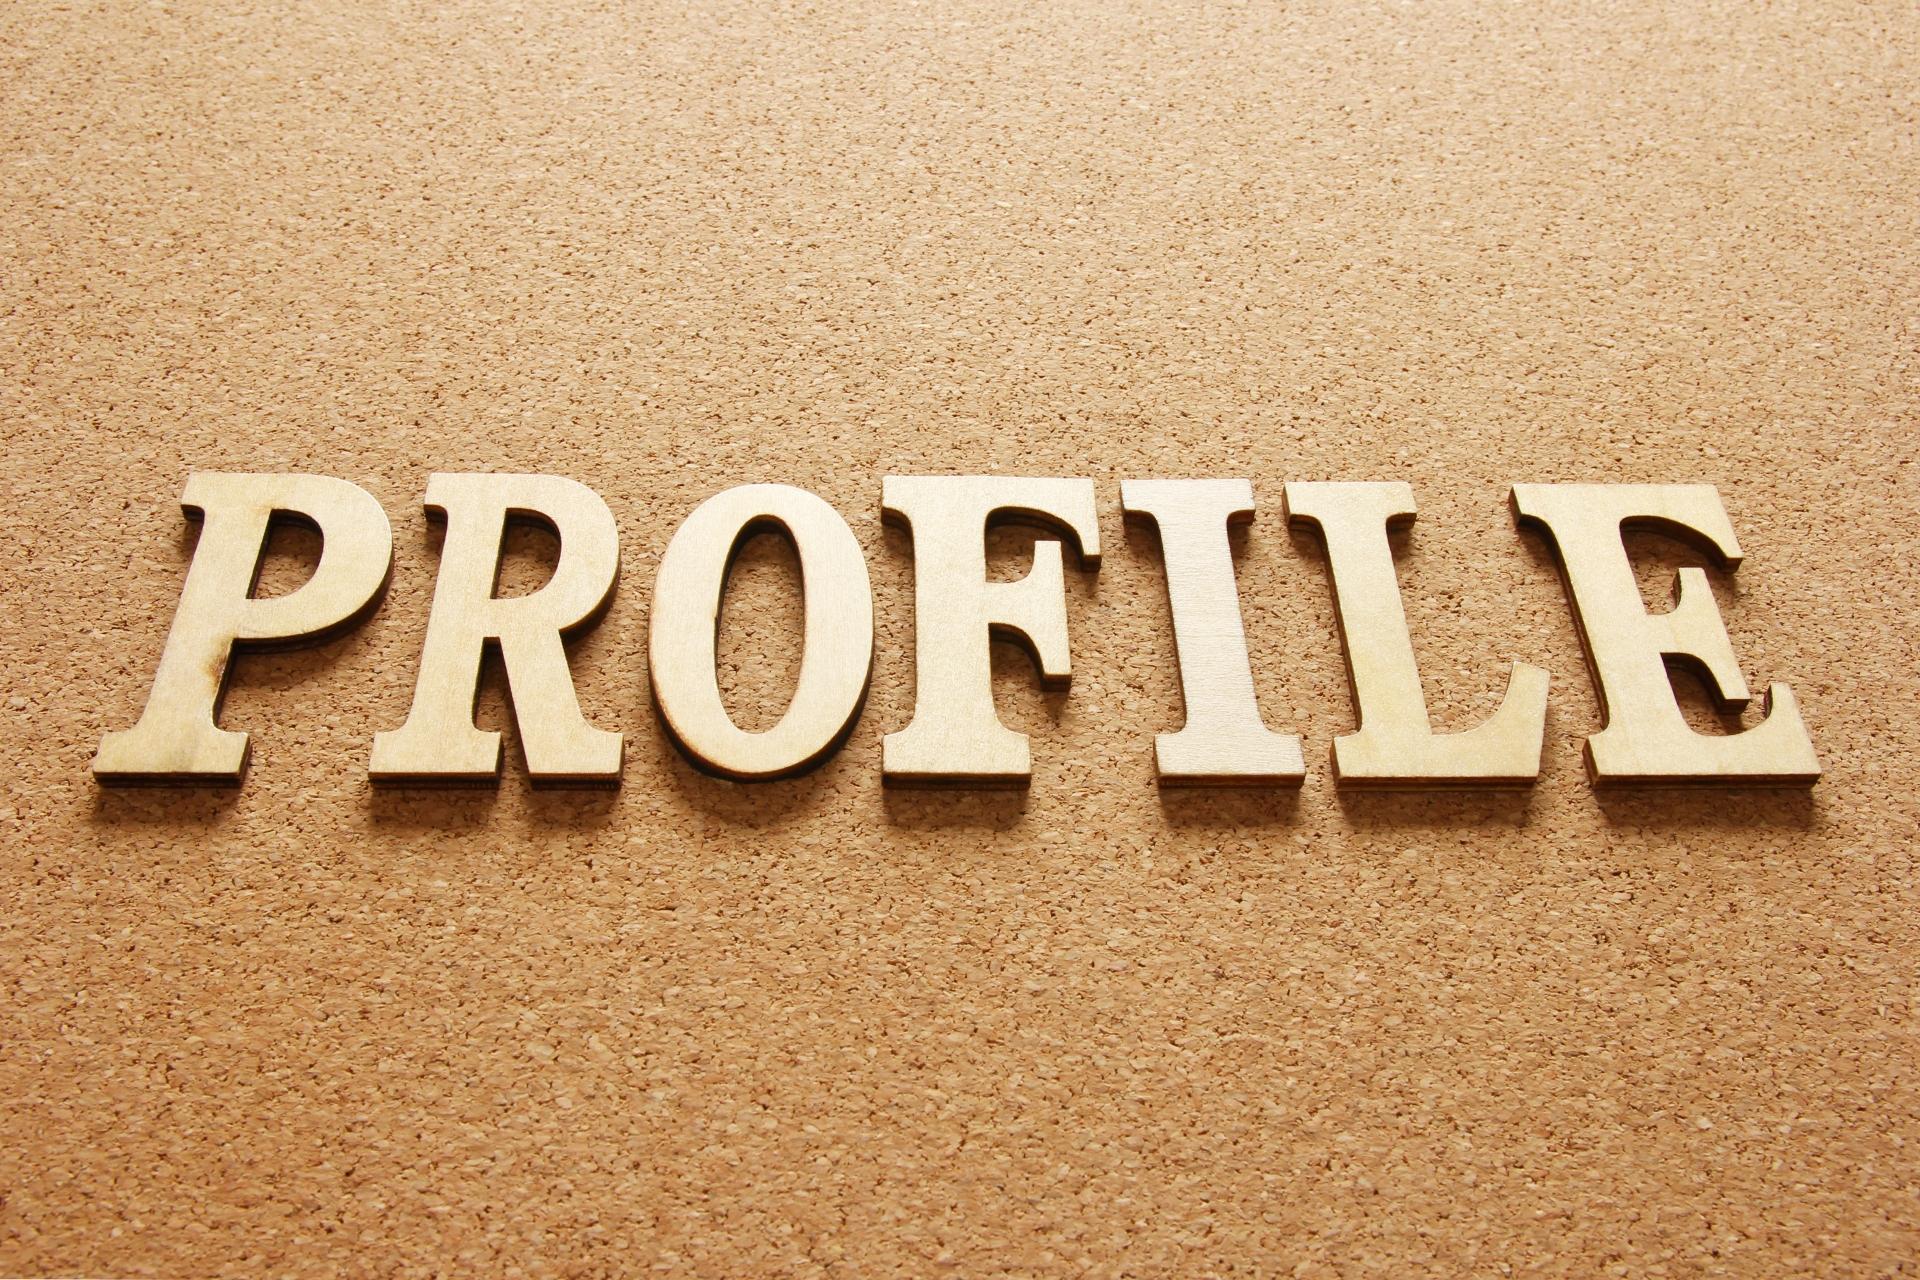 ブログ初心者でもプロフィールを上手く表現できる書き方とは?